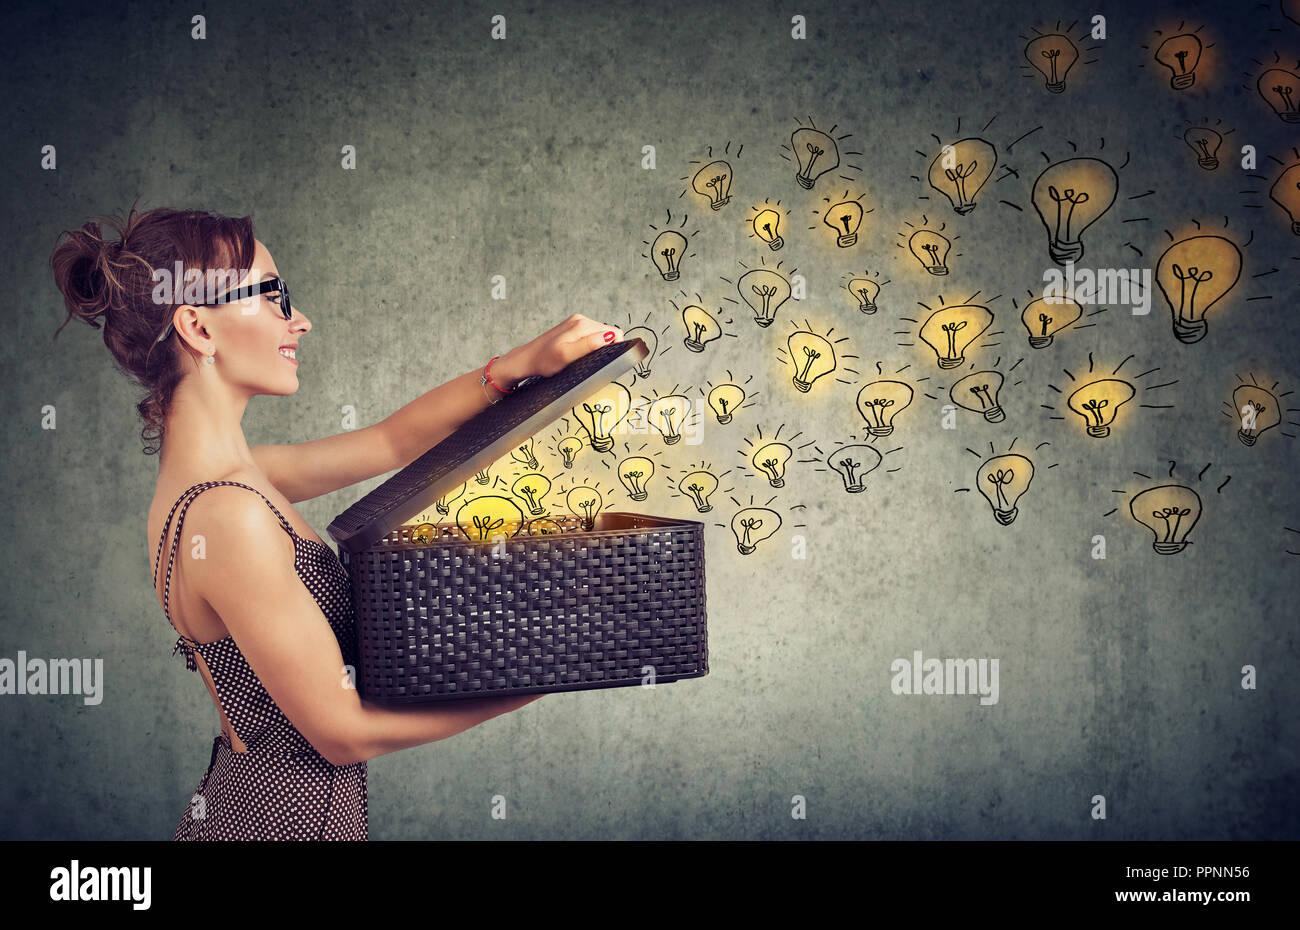 Seitenansicht der jungen Frau, die eine Box mit brillanten Ideen Verbreitung von Wissen Stockbild